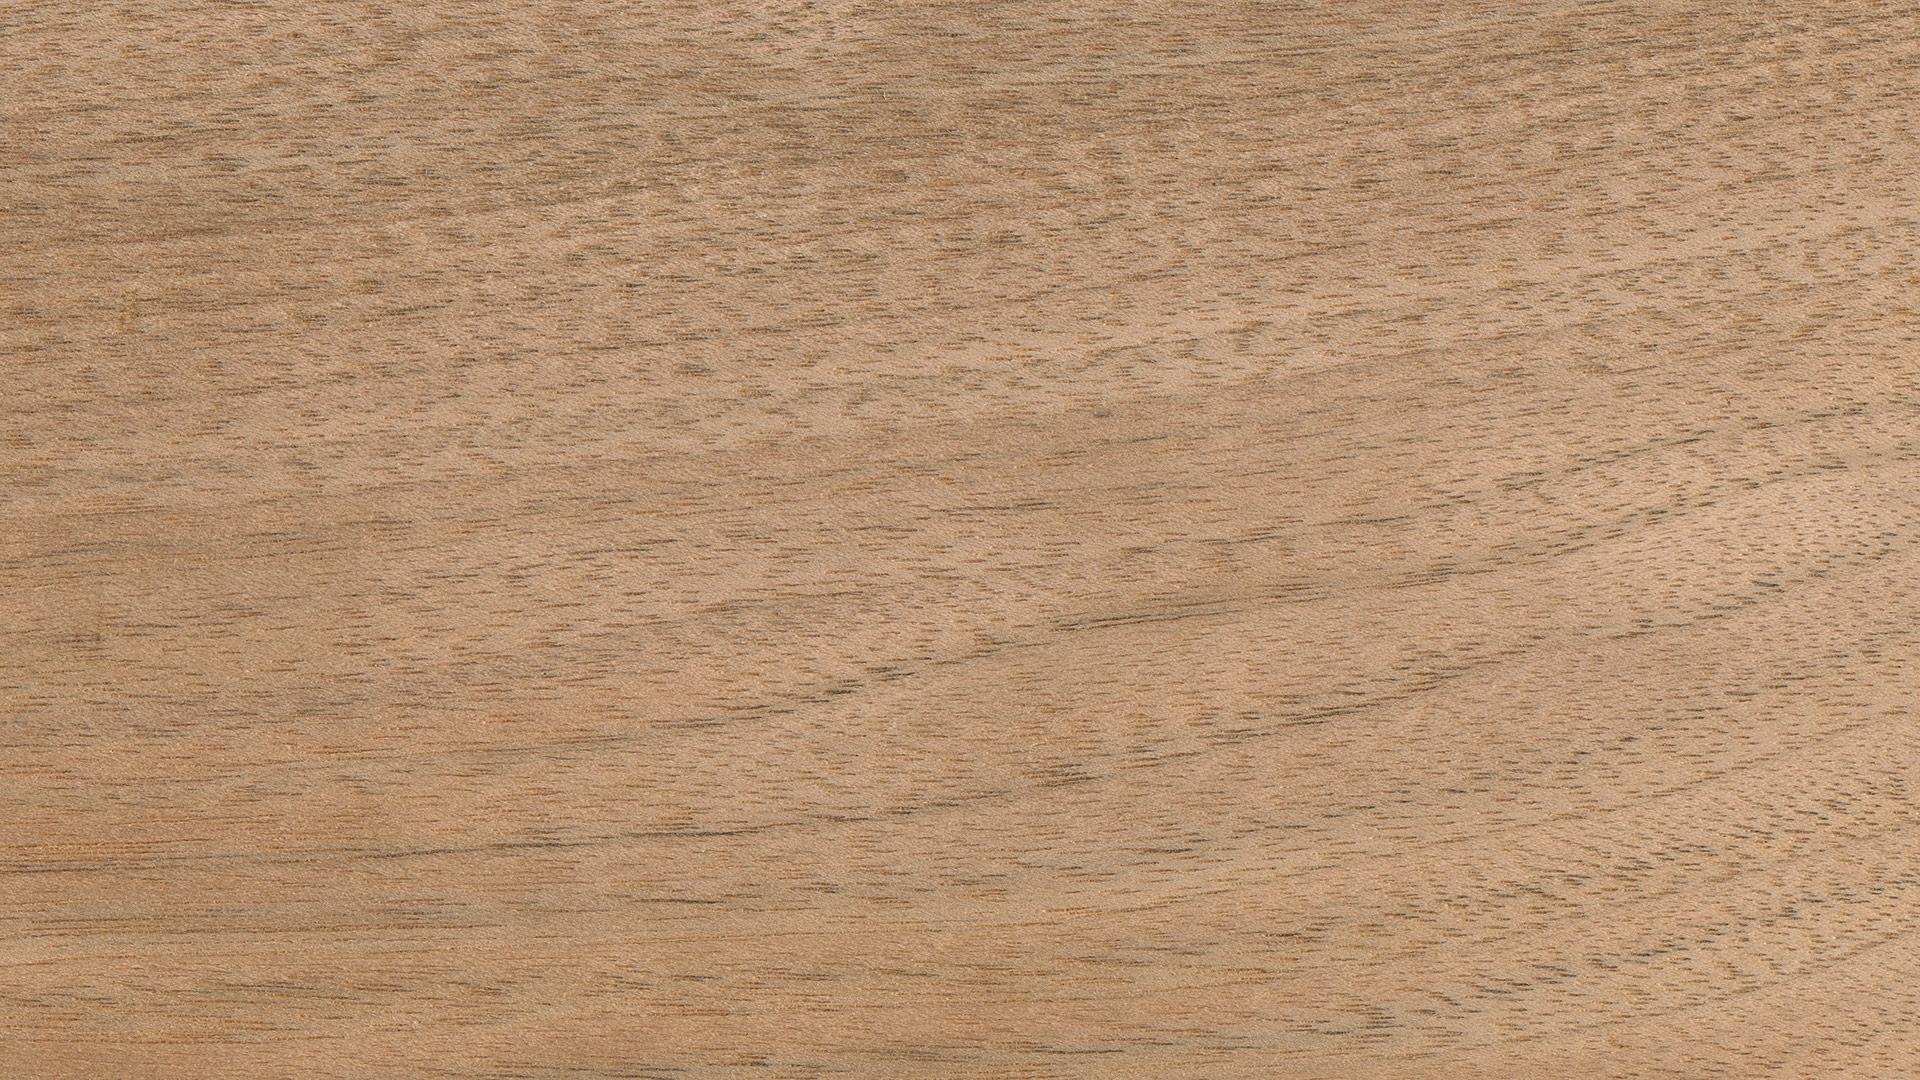 Butternut grain 1920x1080